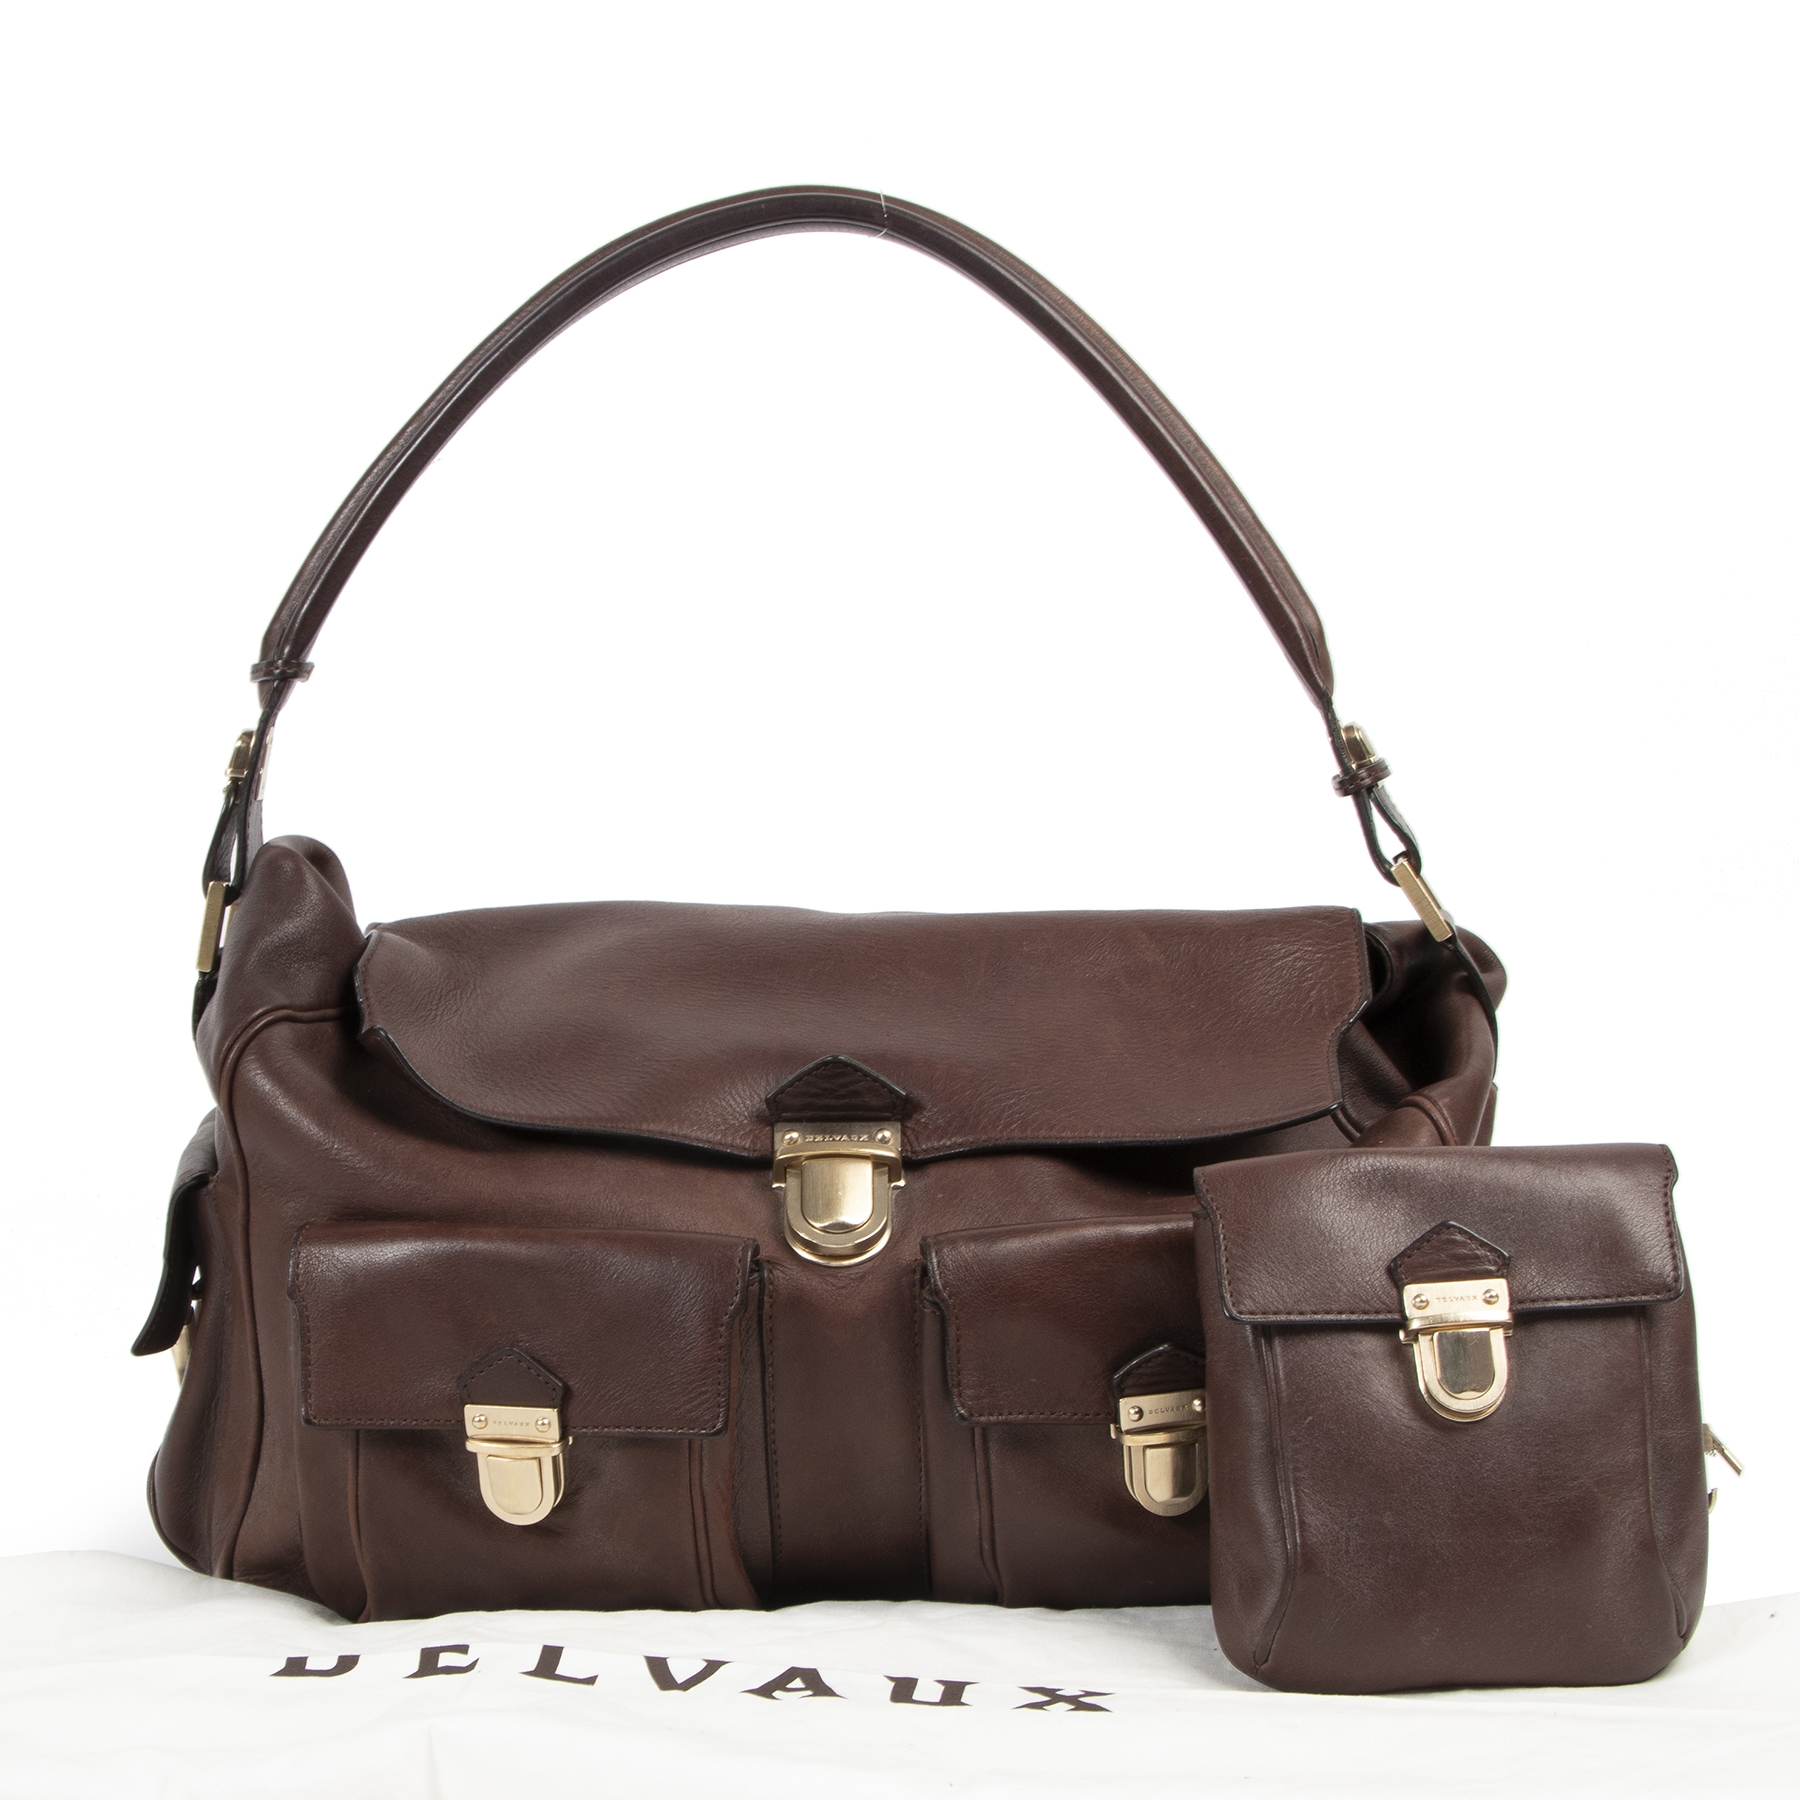 koop en verkoop uw authentieke designer handtassen aan de beste prijs Delvaux Coquin Poches Brown Bridon Shoulder Bag